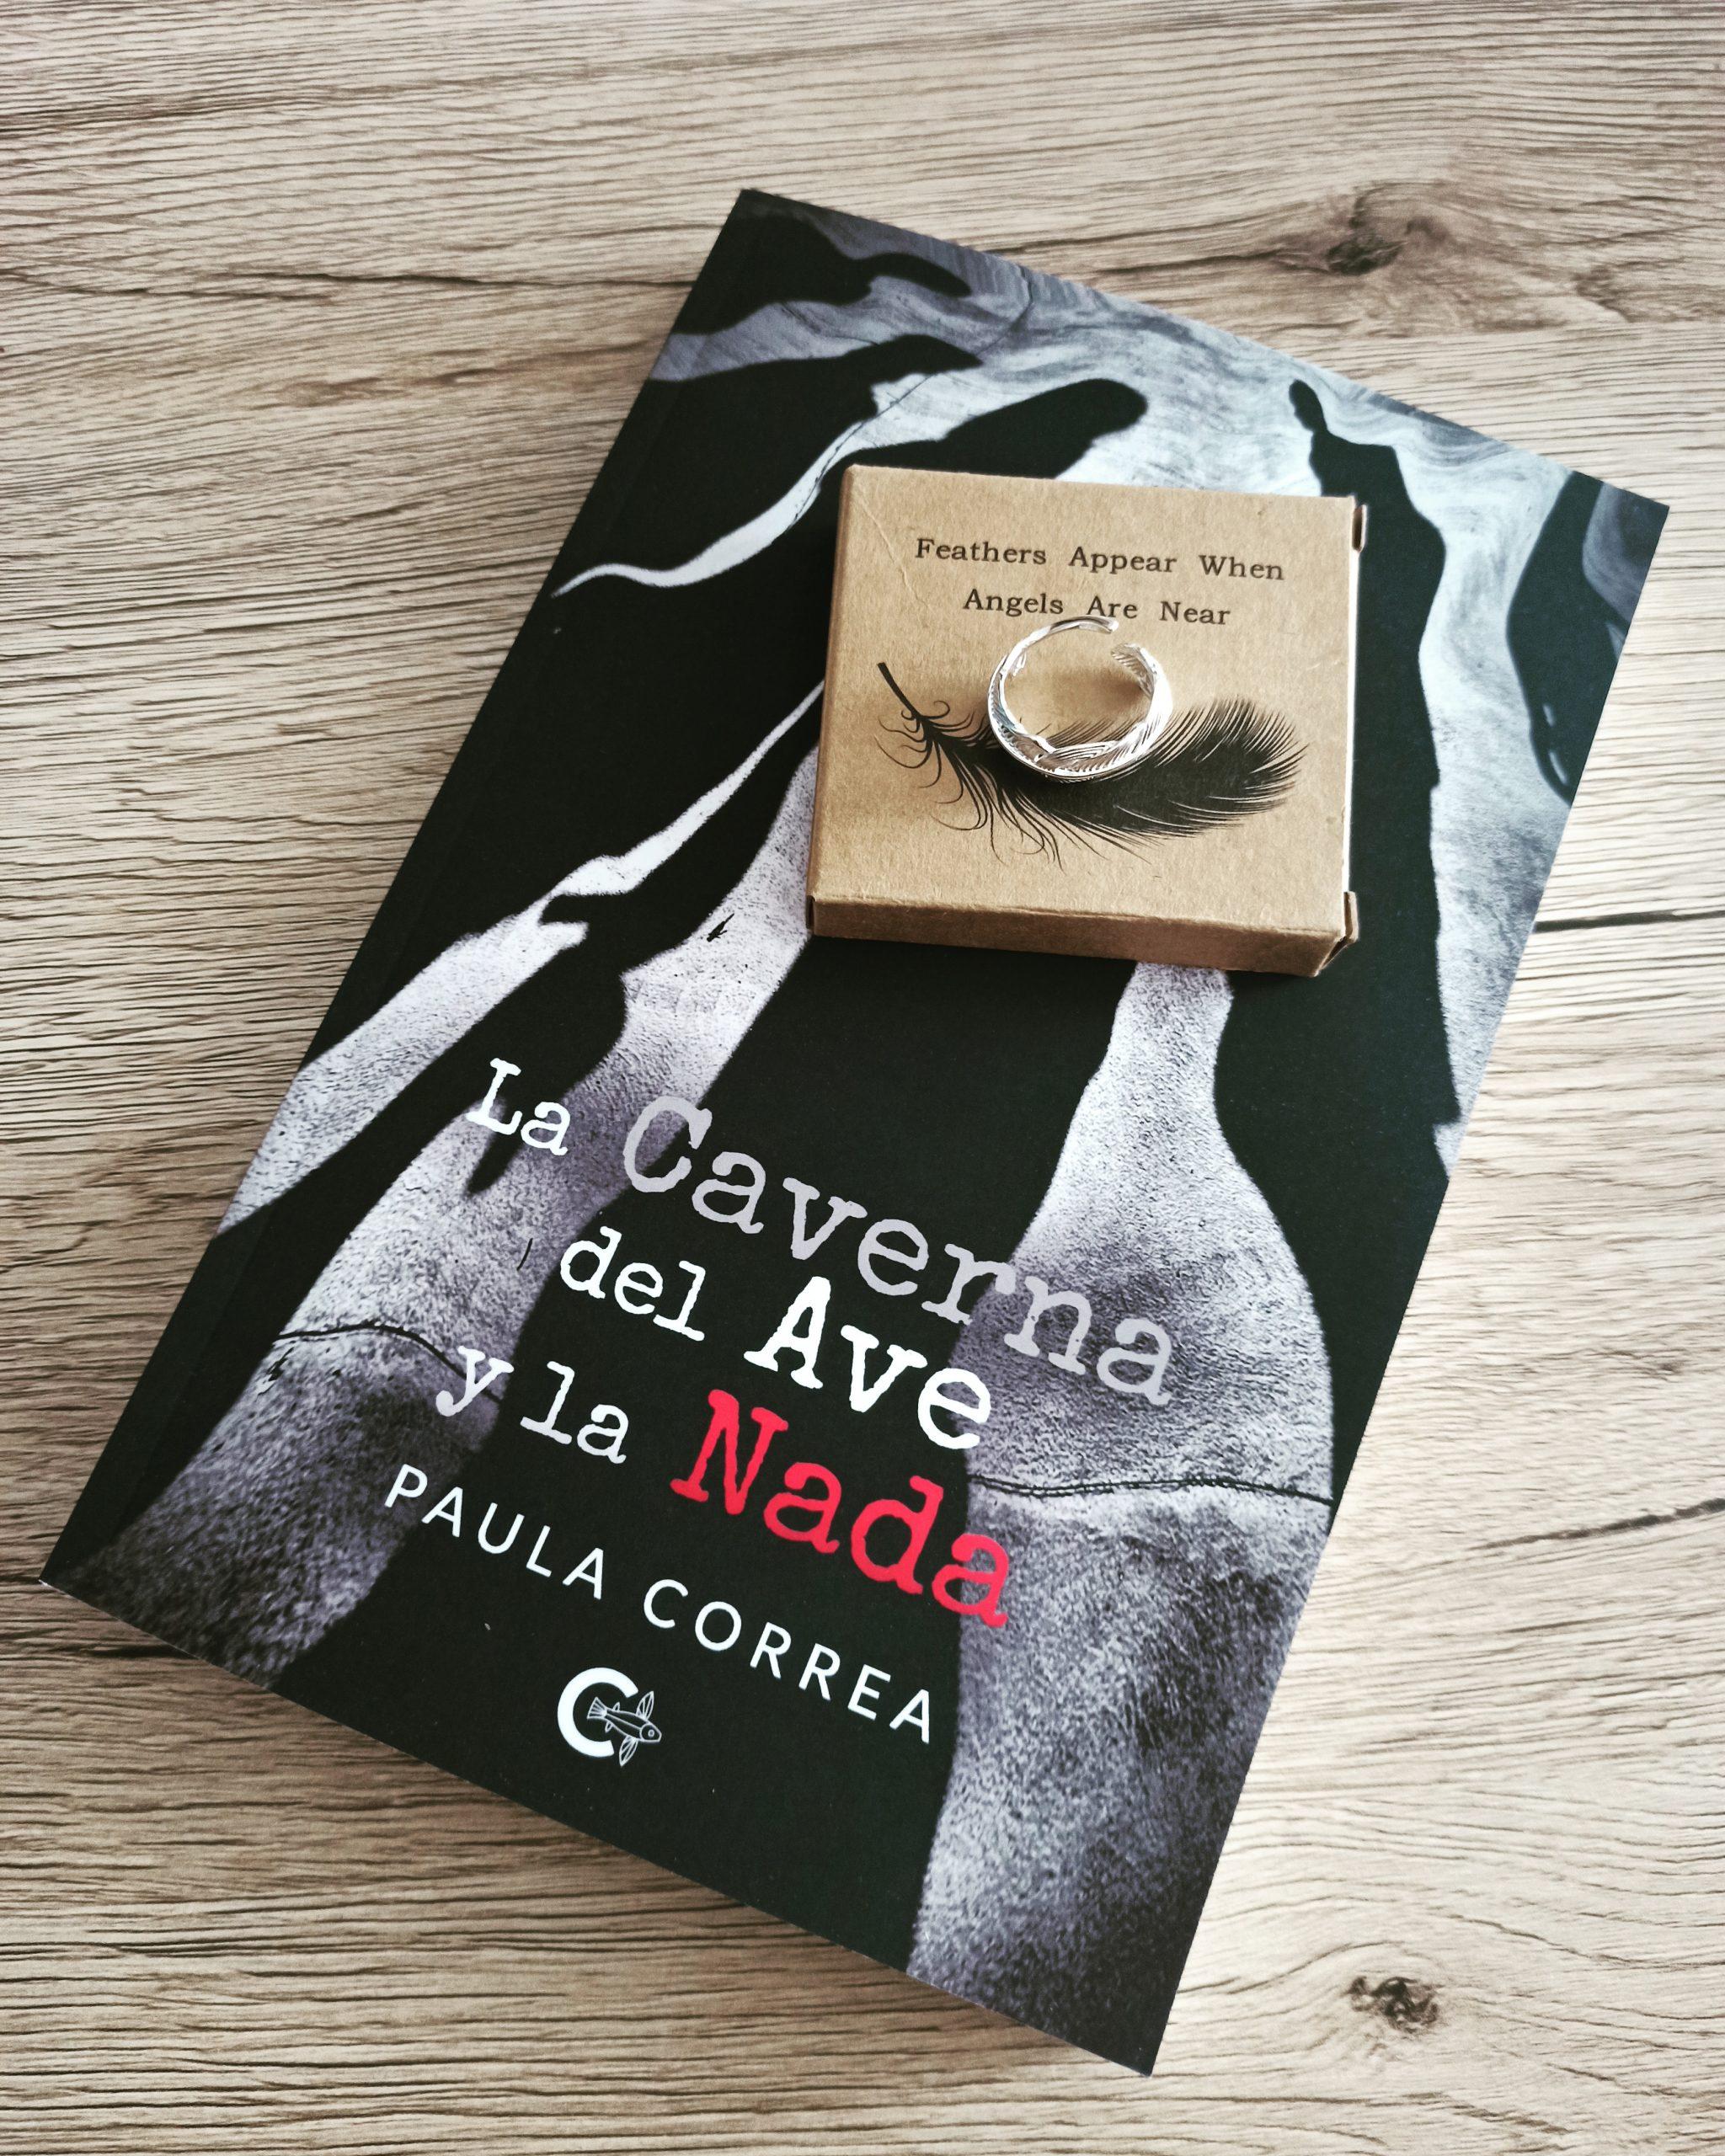 LA CAVERNA DEL AVE Y LA NADA, de Paula Correa.